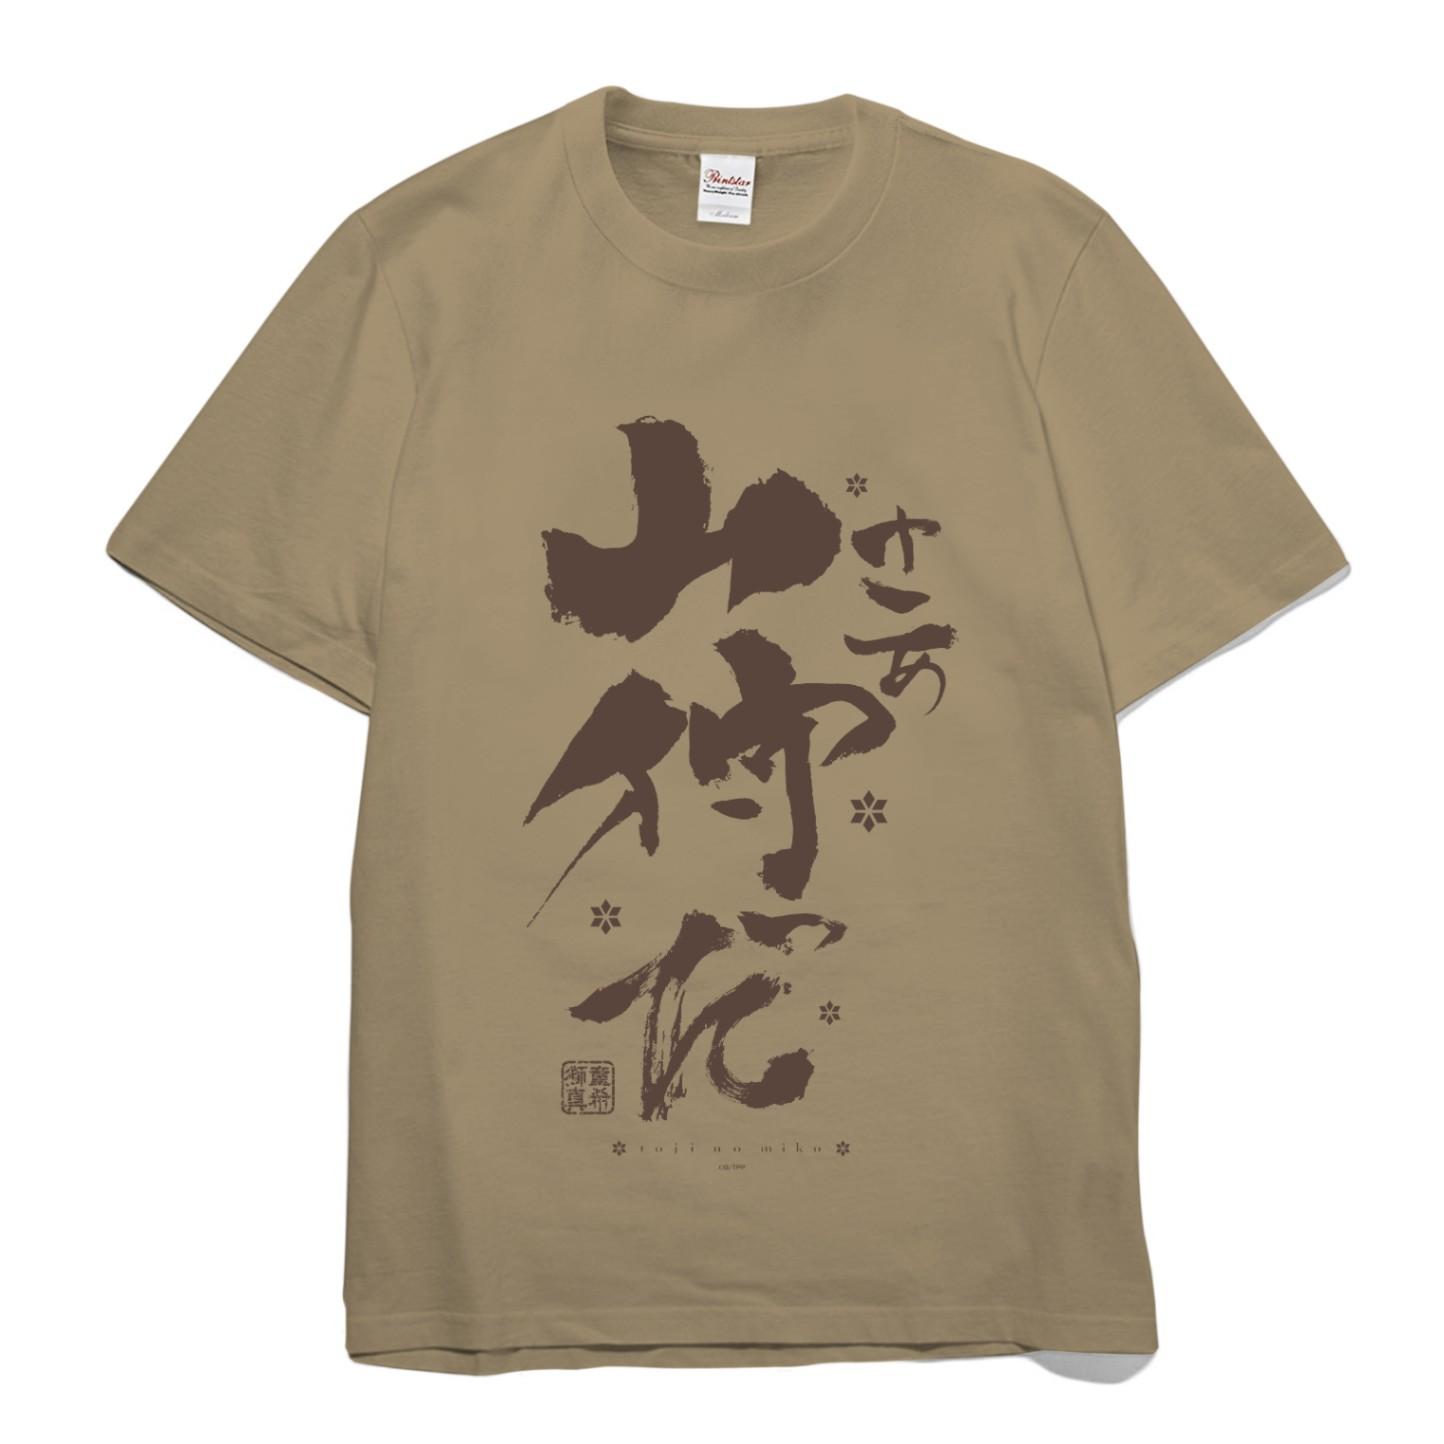 刀使ノ巫女 山狩りだ!Tシャツ ベージュ